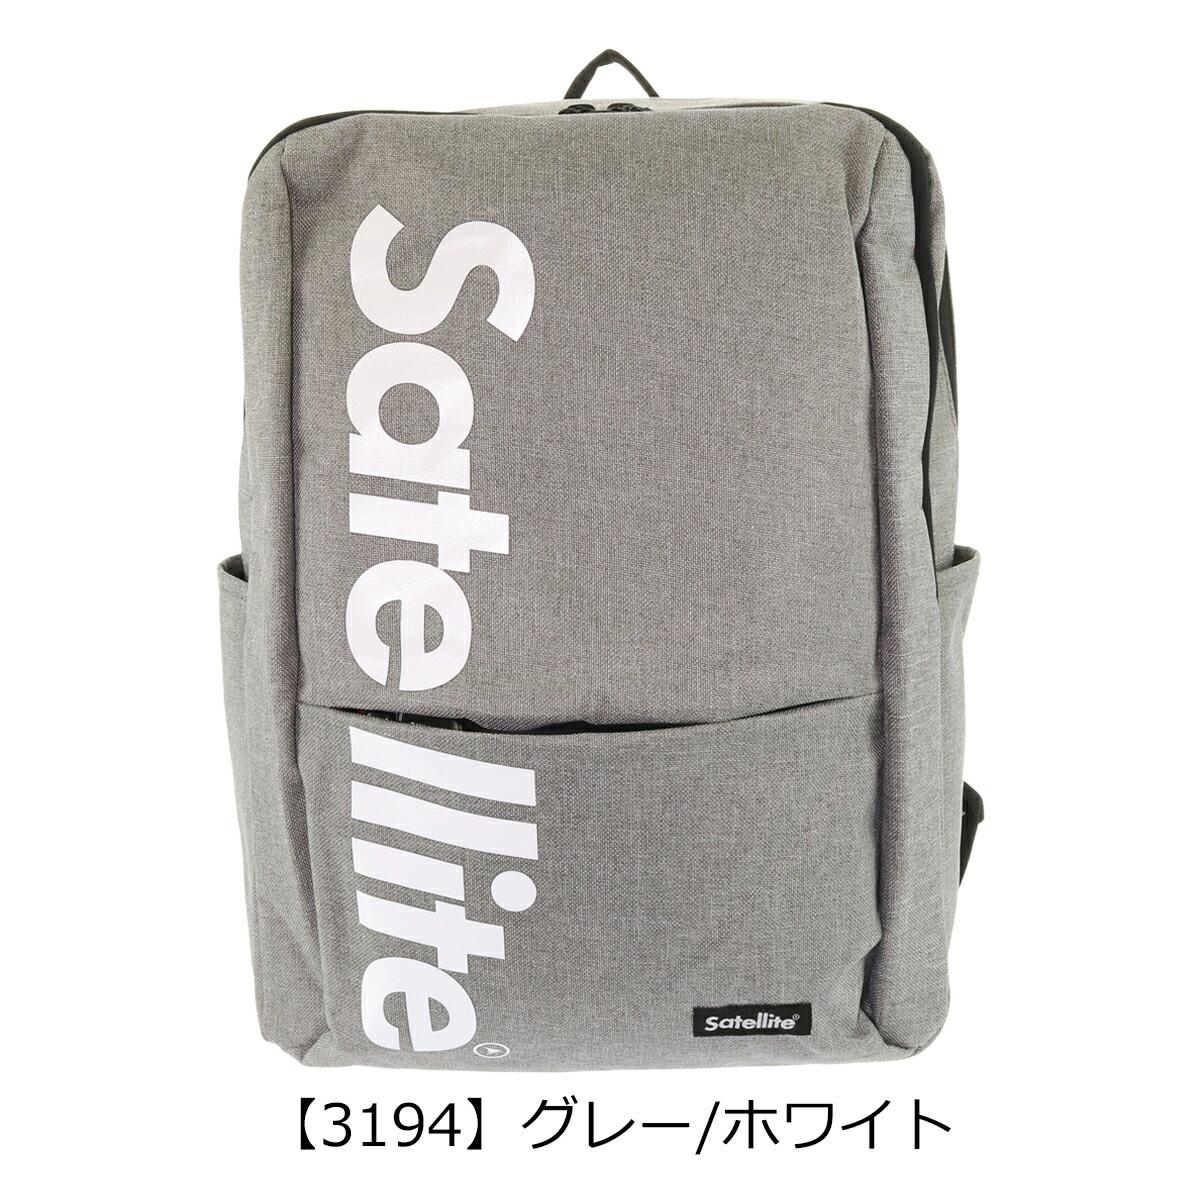 【3194】グレー/ホワイト